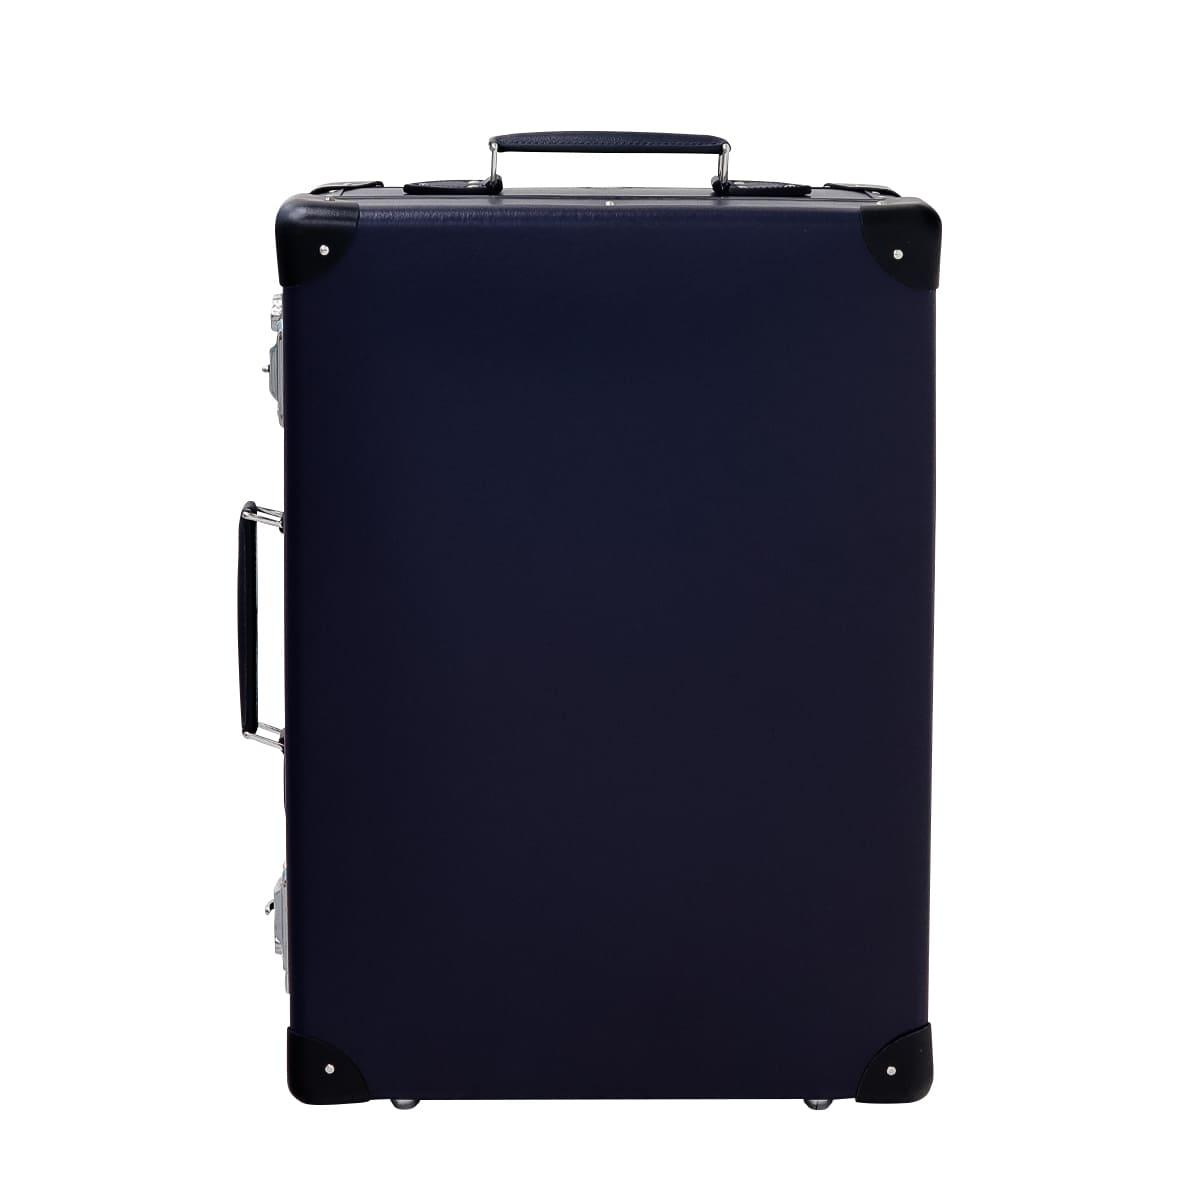 グローブトロッター GLOBE-TROTTER スーツケース ORIGINAL 20インチ キャリーケース ネイビー×ブラック NAVY/BLACK